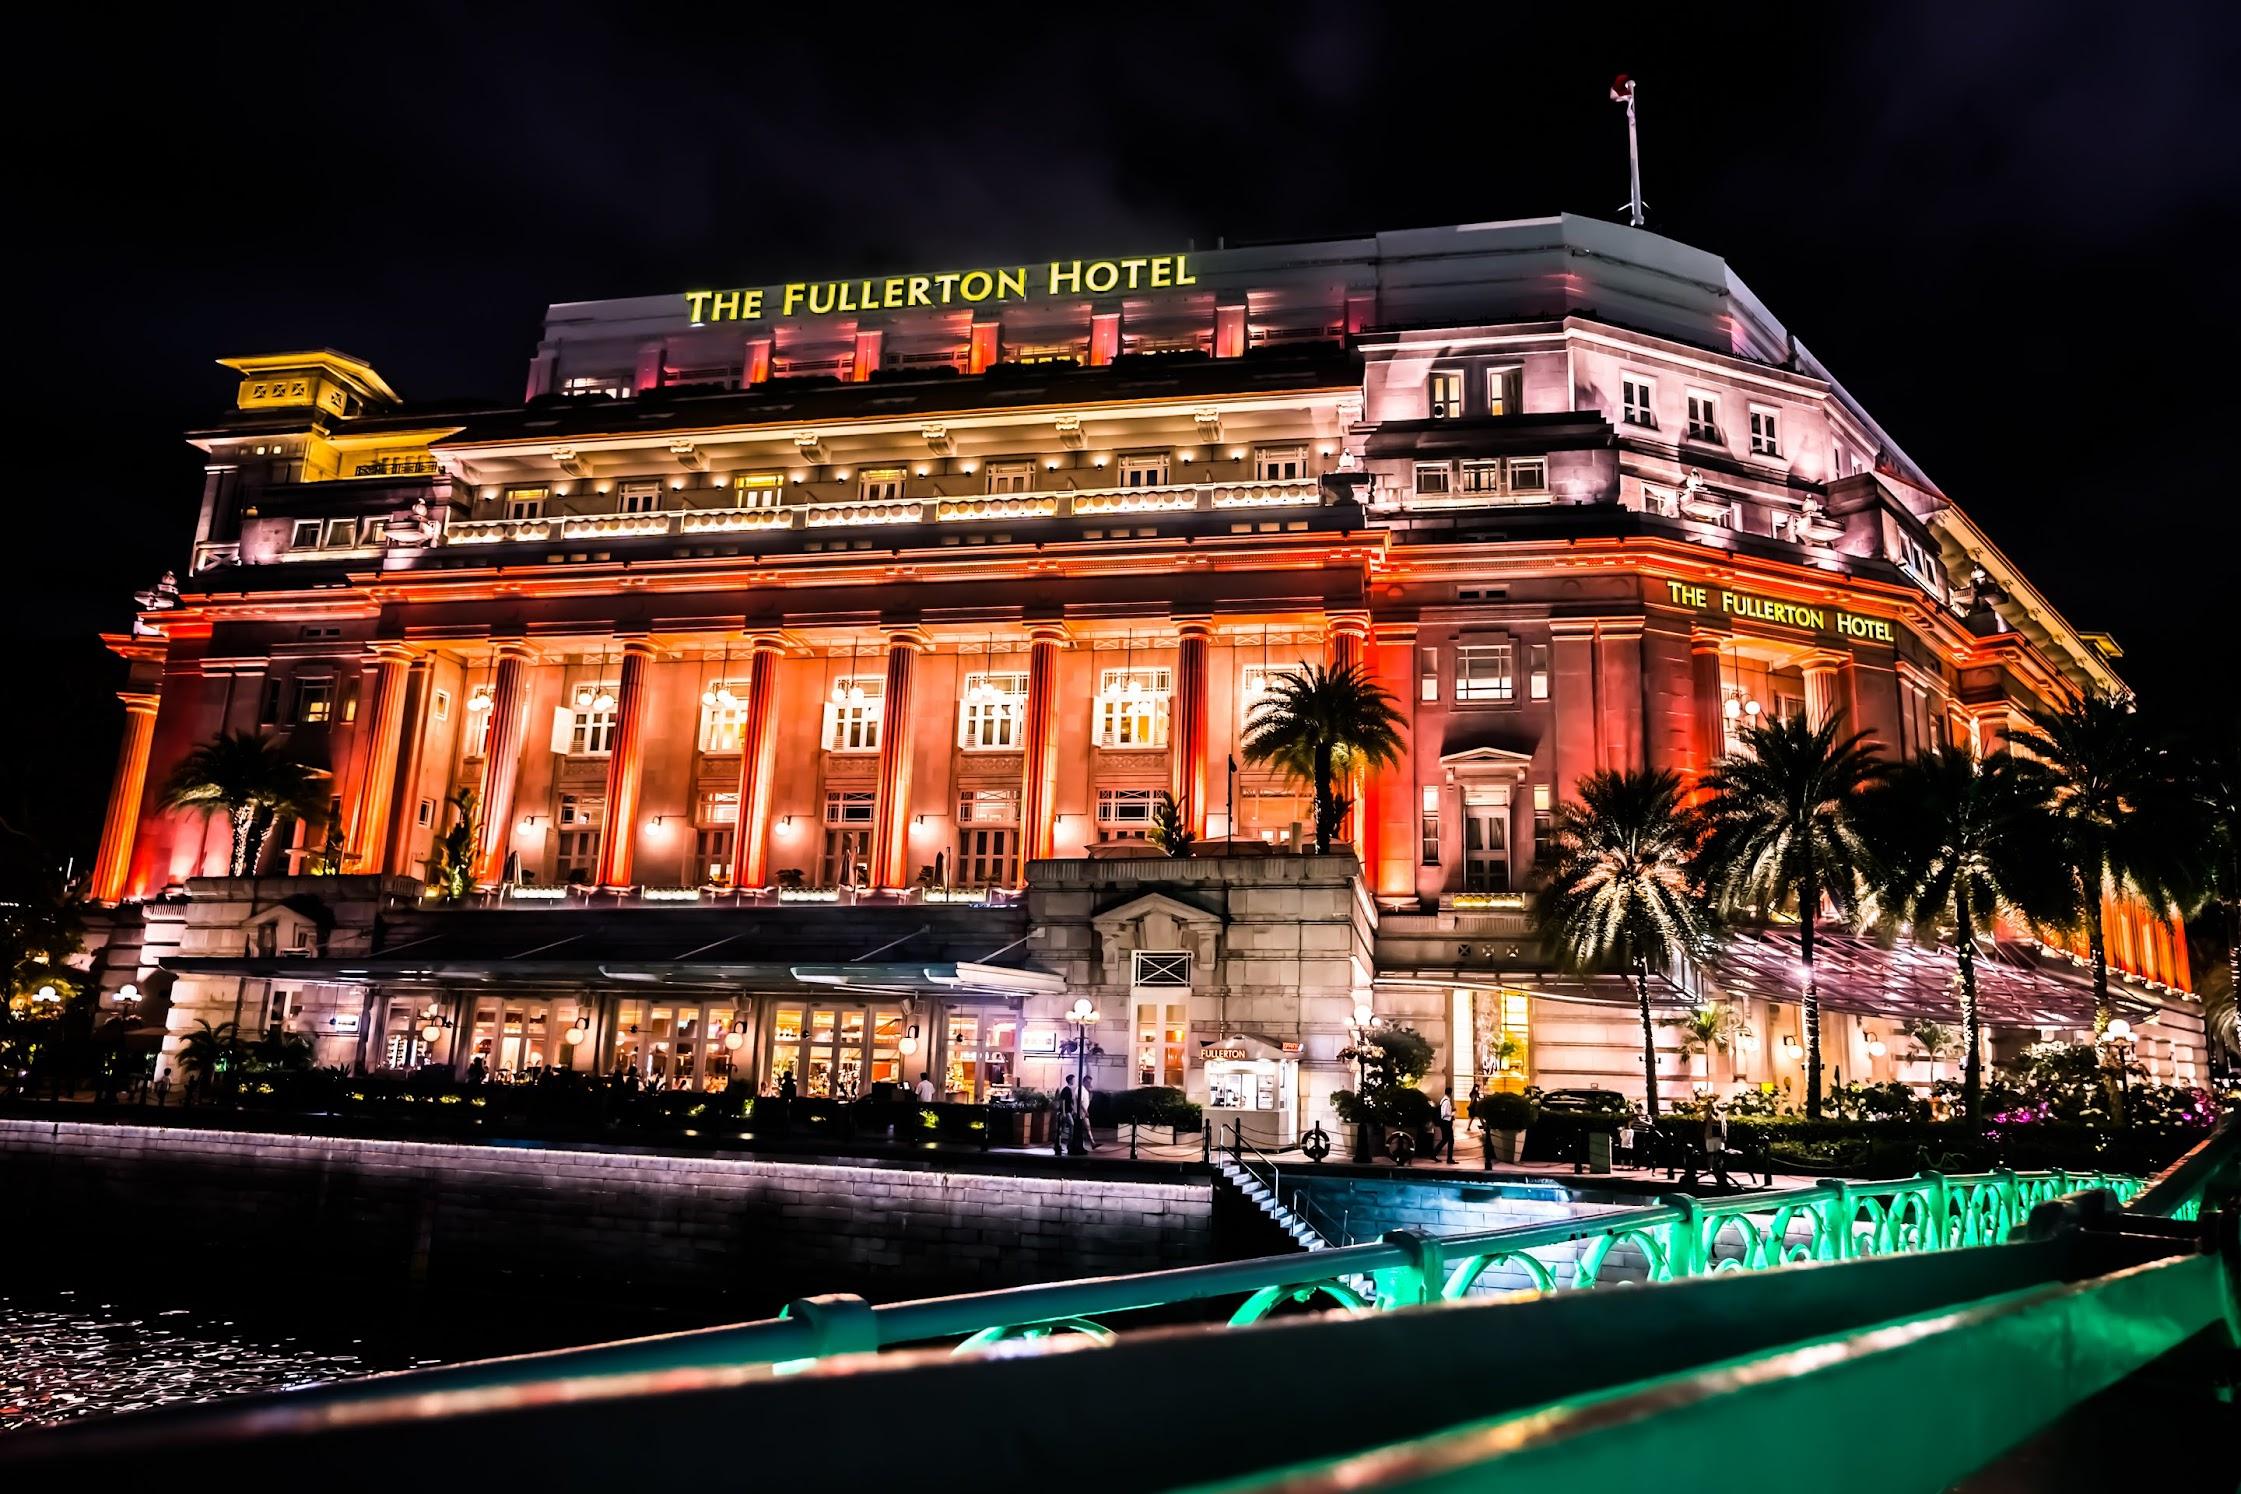 シンガポール フラトン・ホテル 夜2